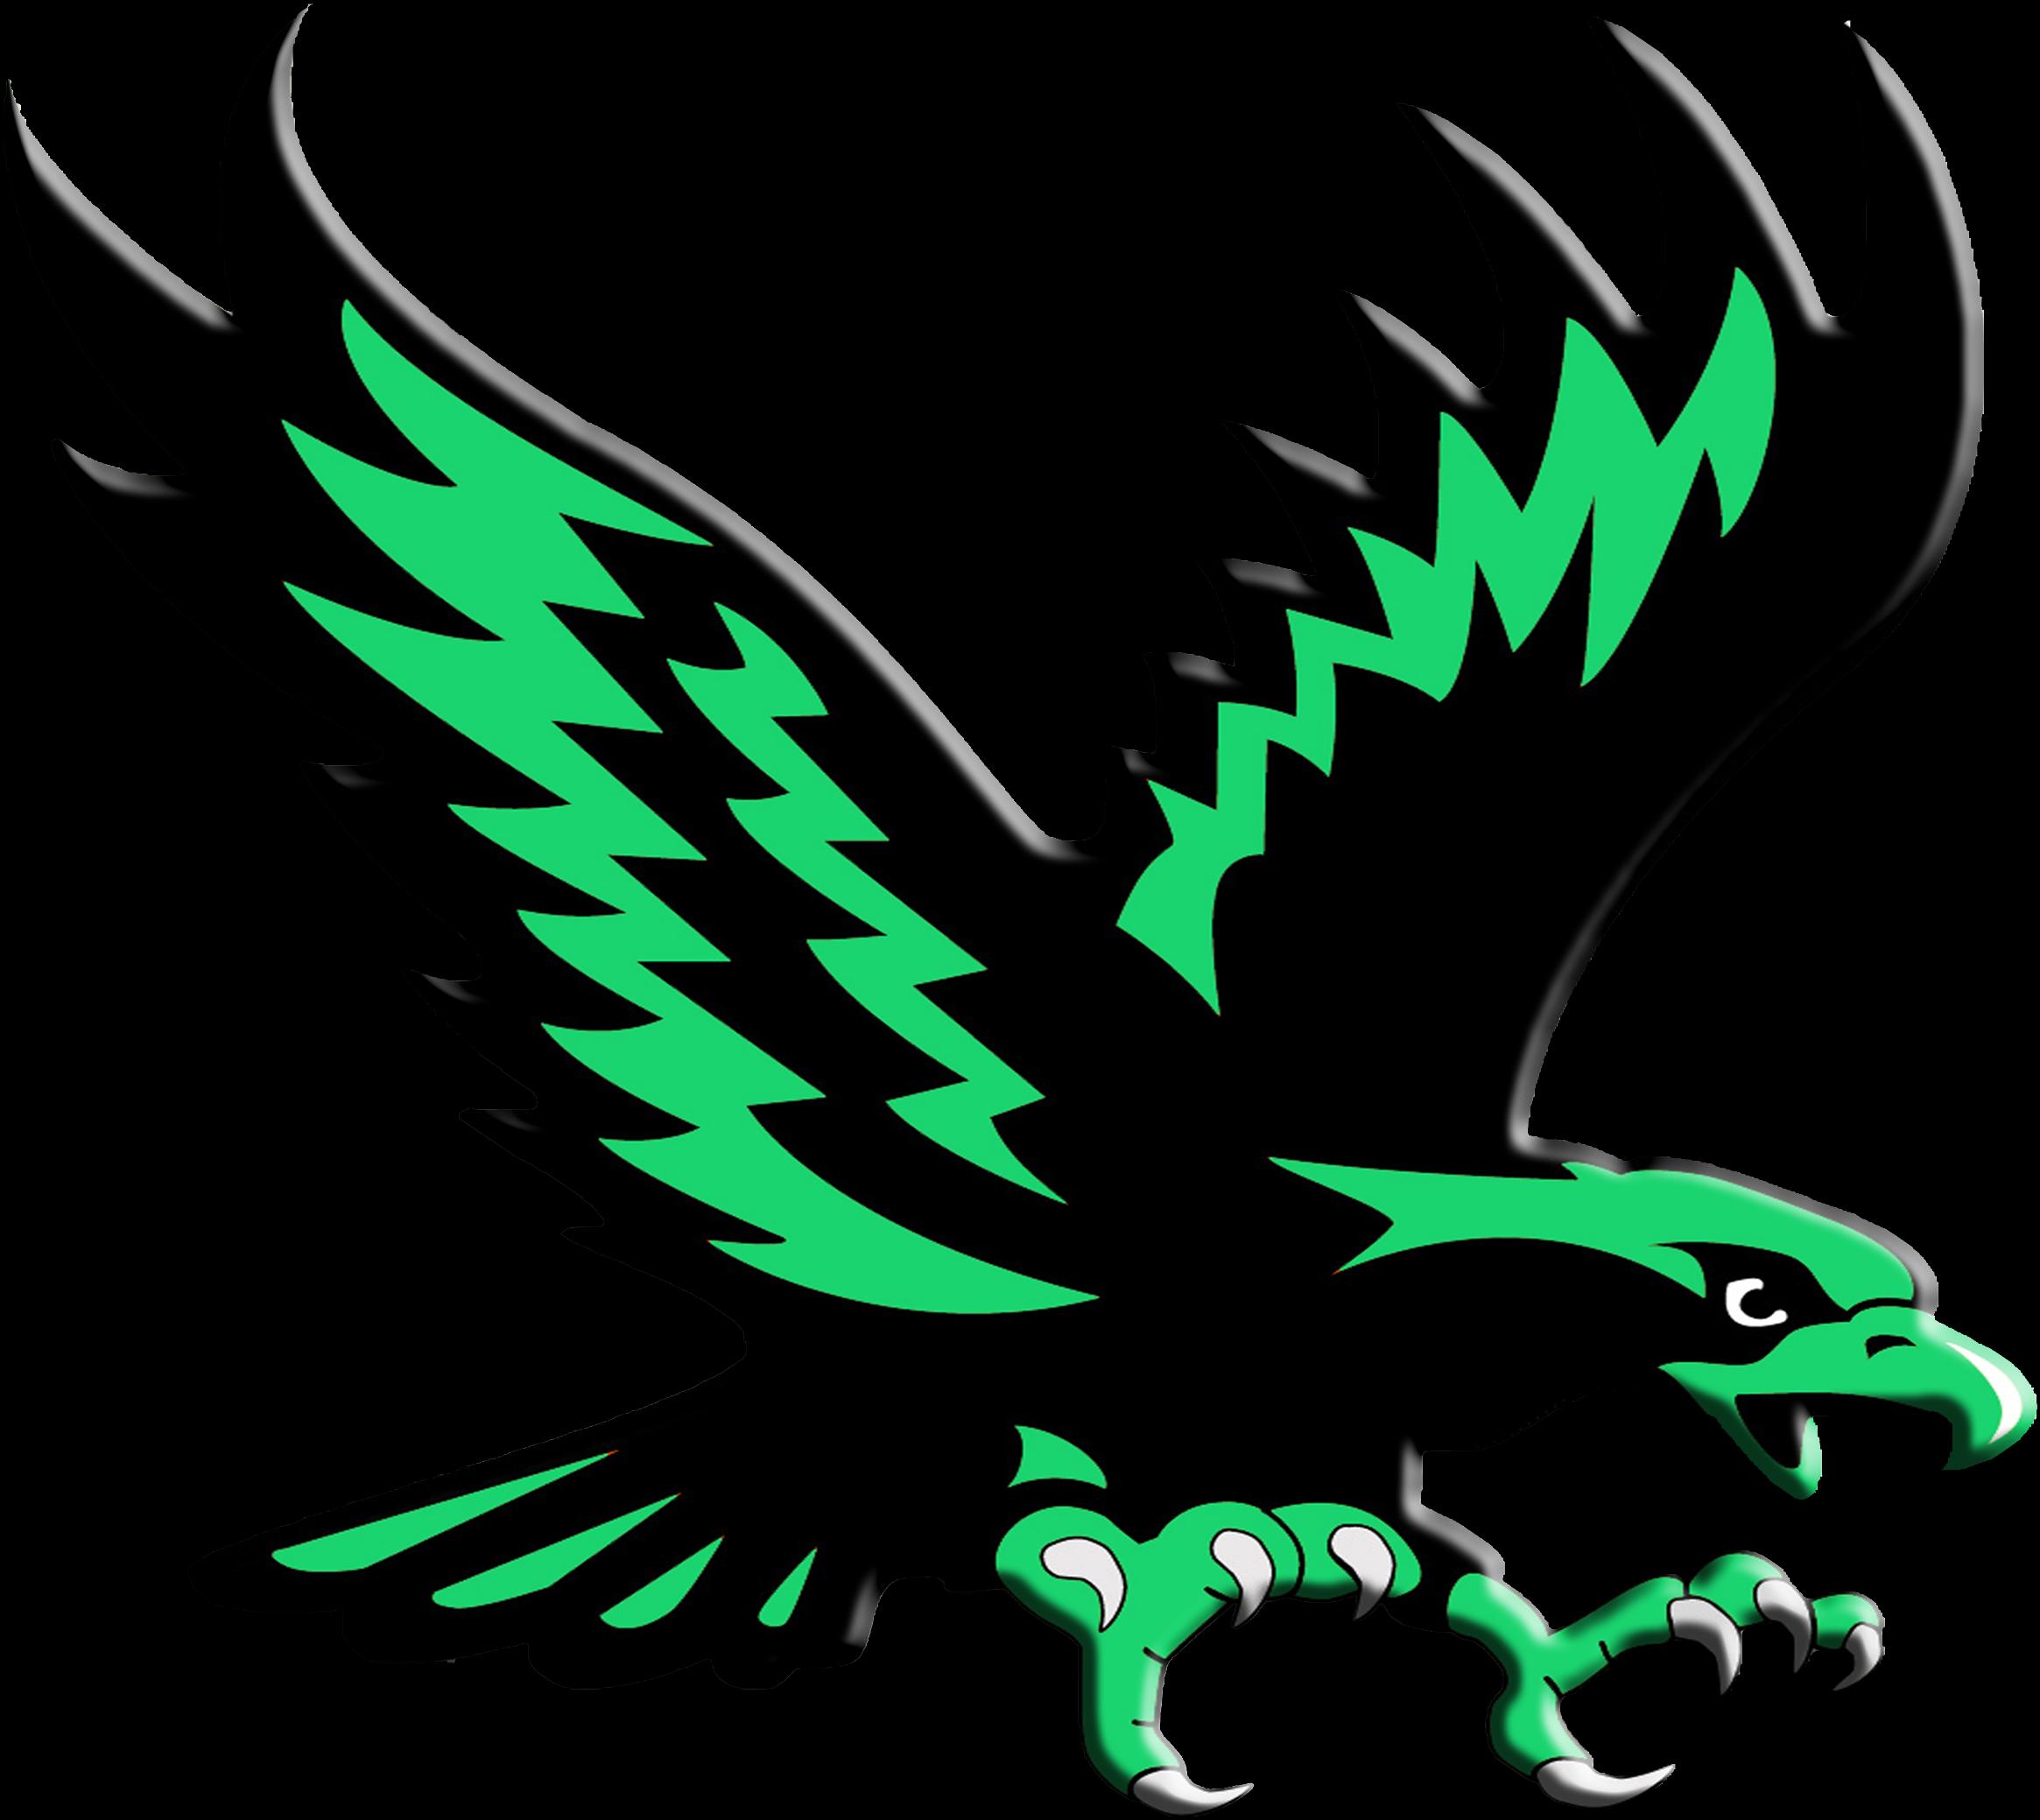 клан птиц картинка волгоградцев